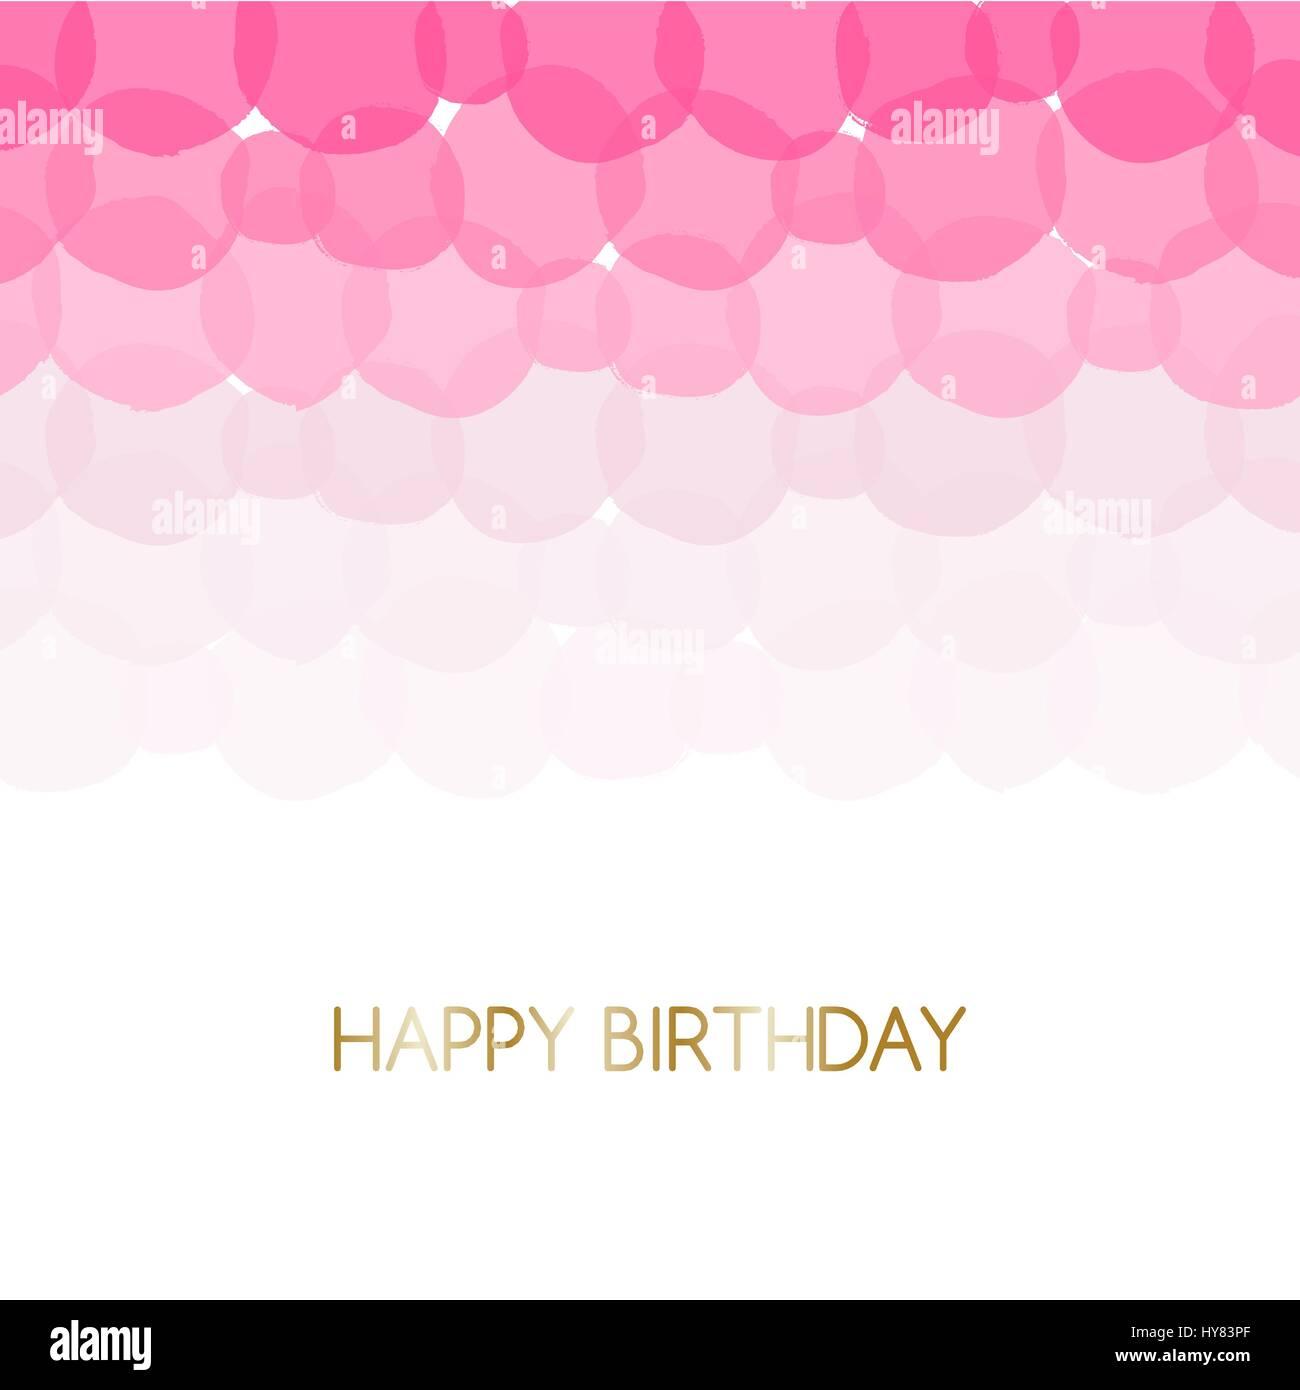 Geburtstag Grusskarte Gestalten Mit Text Happy Birthday In Gold Und Rosa Blaschen Im Hintergrund